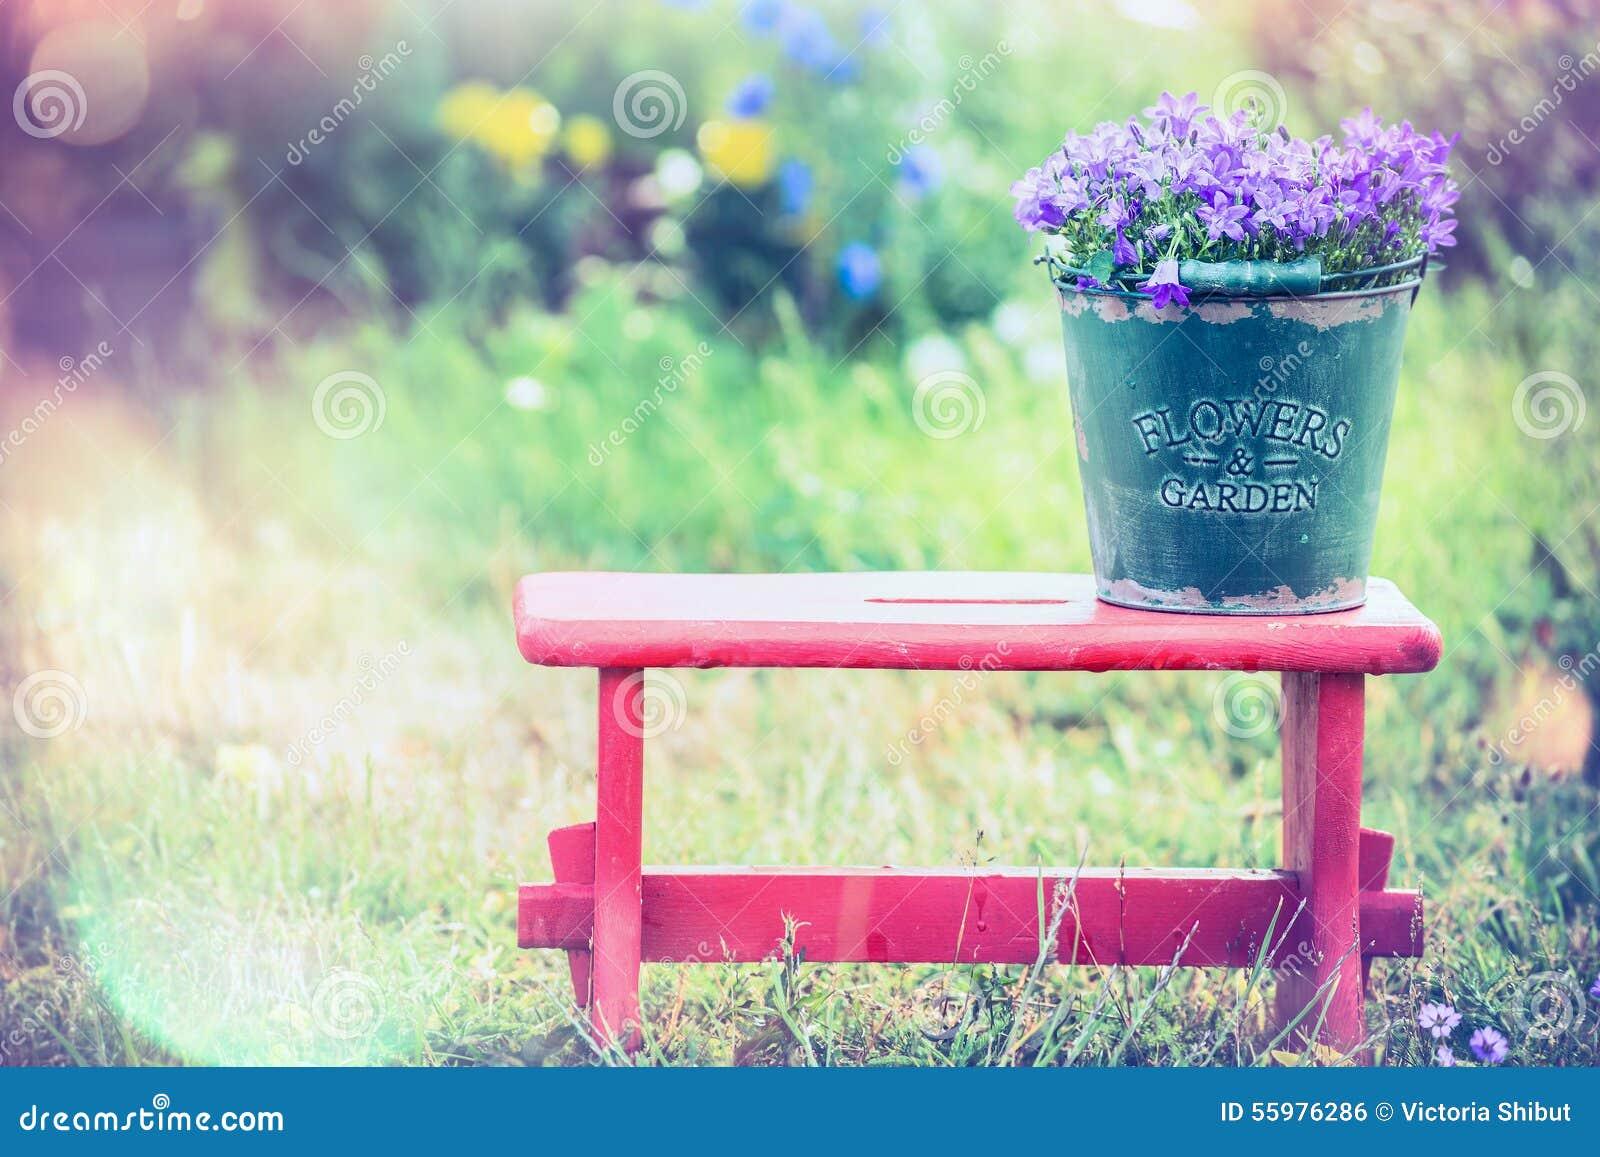 Naturaleza y Flores y jardines Fotos De Stock, Imágenes ...